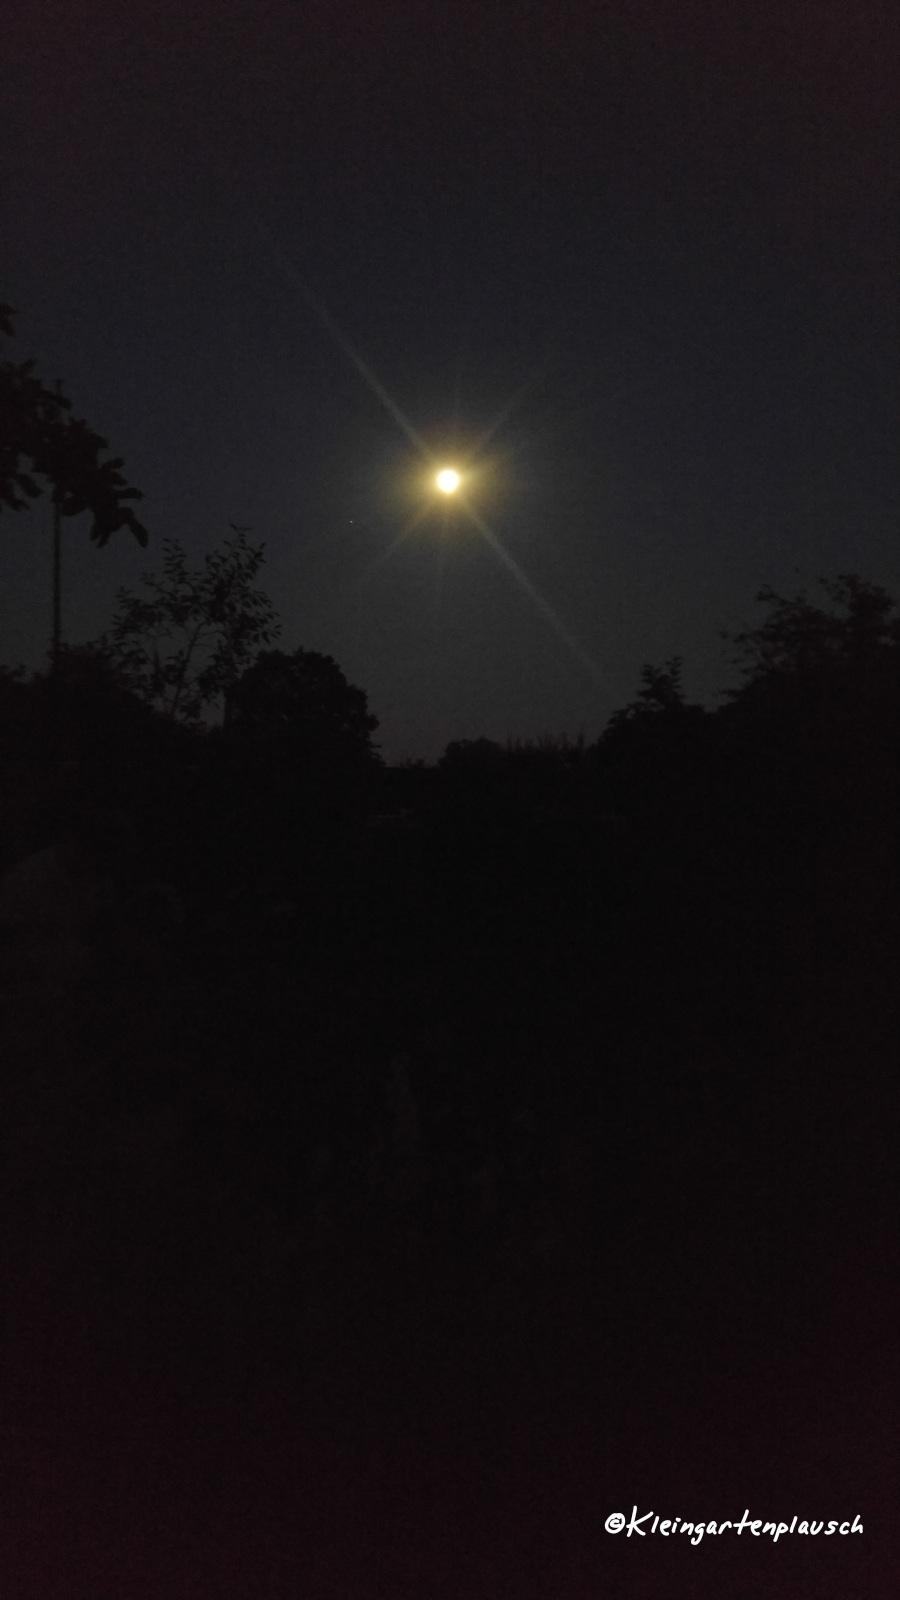 Wir starten mit einem Blick auf Nachbars Pergola und den immer volleren Mond, der hier eher wie ein kleineres Licht am Nachthimmel  leuchtet...